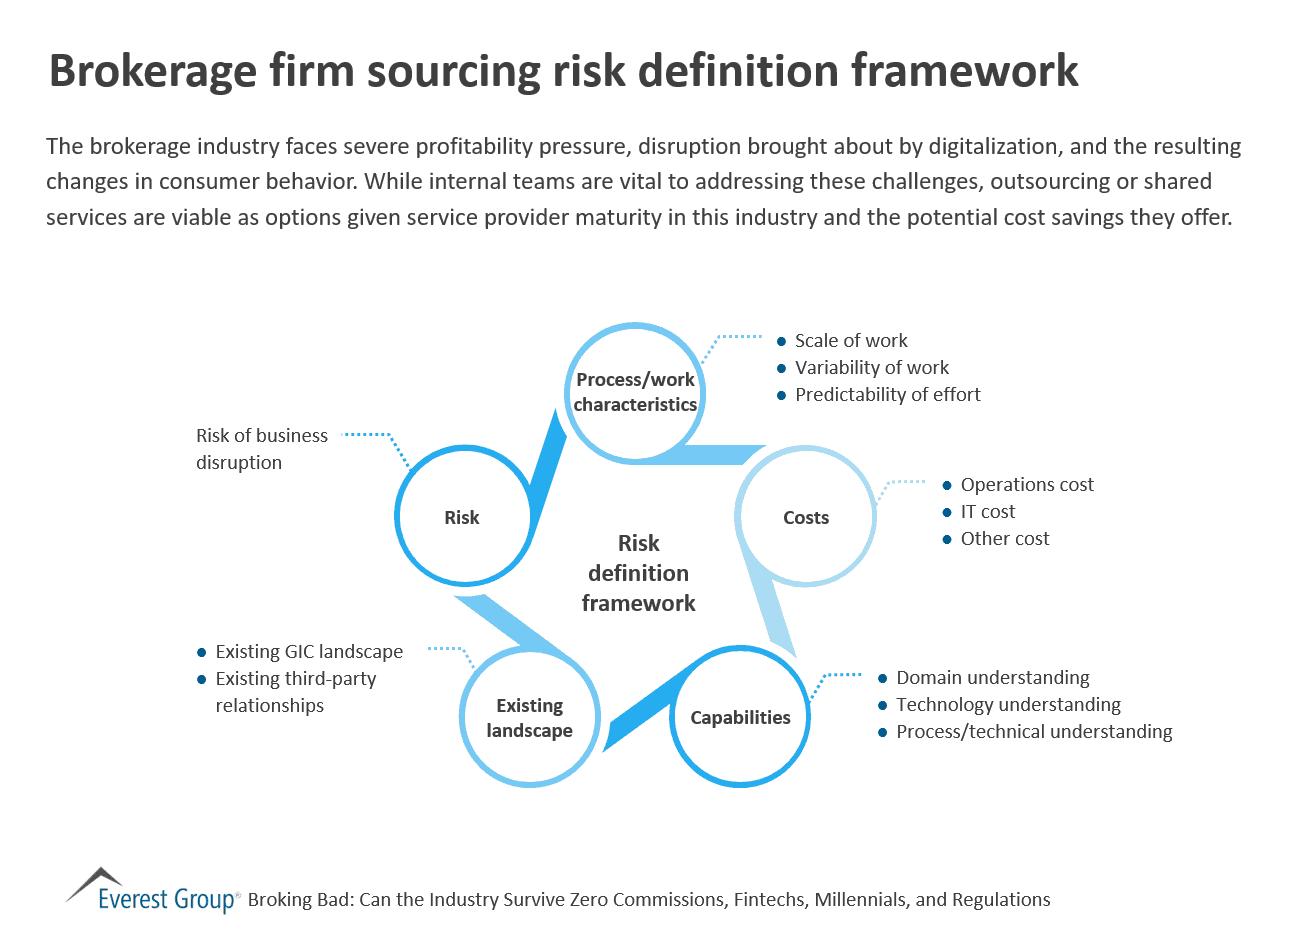 brokerage firm sourcing risk definition framework   market insights